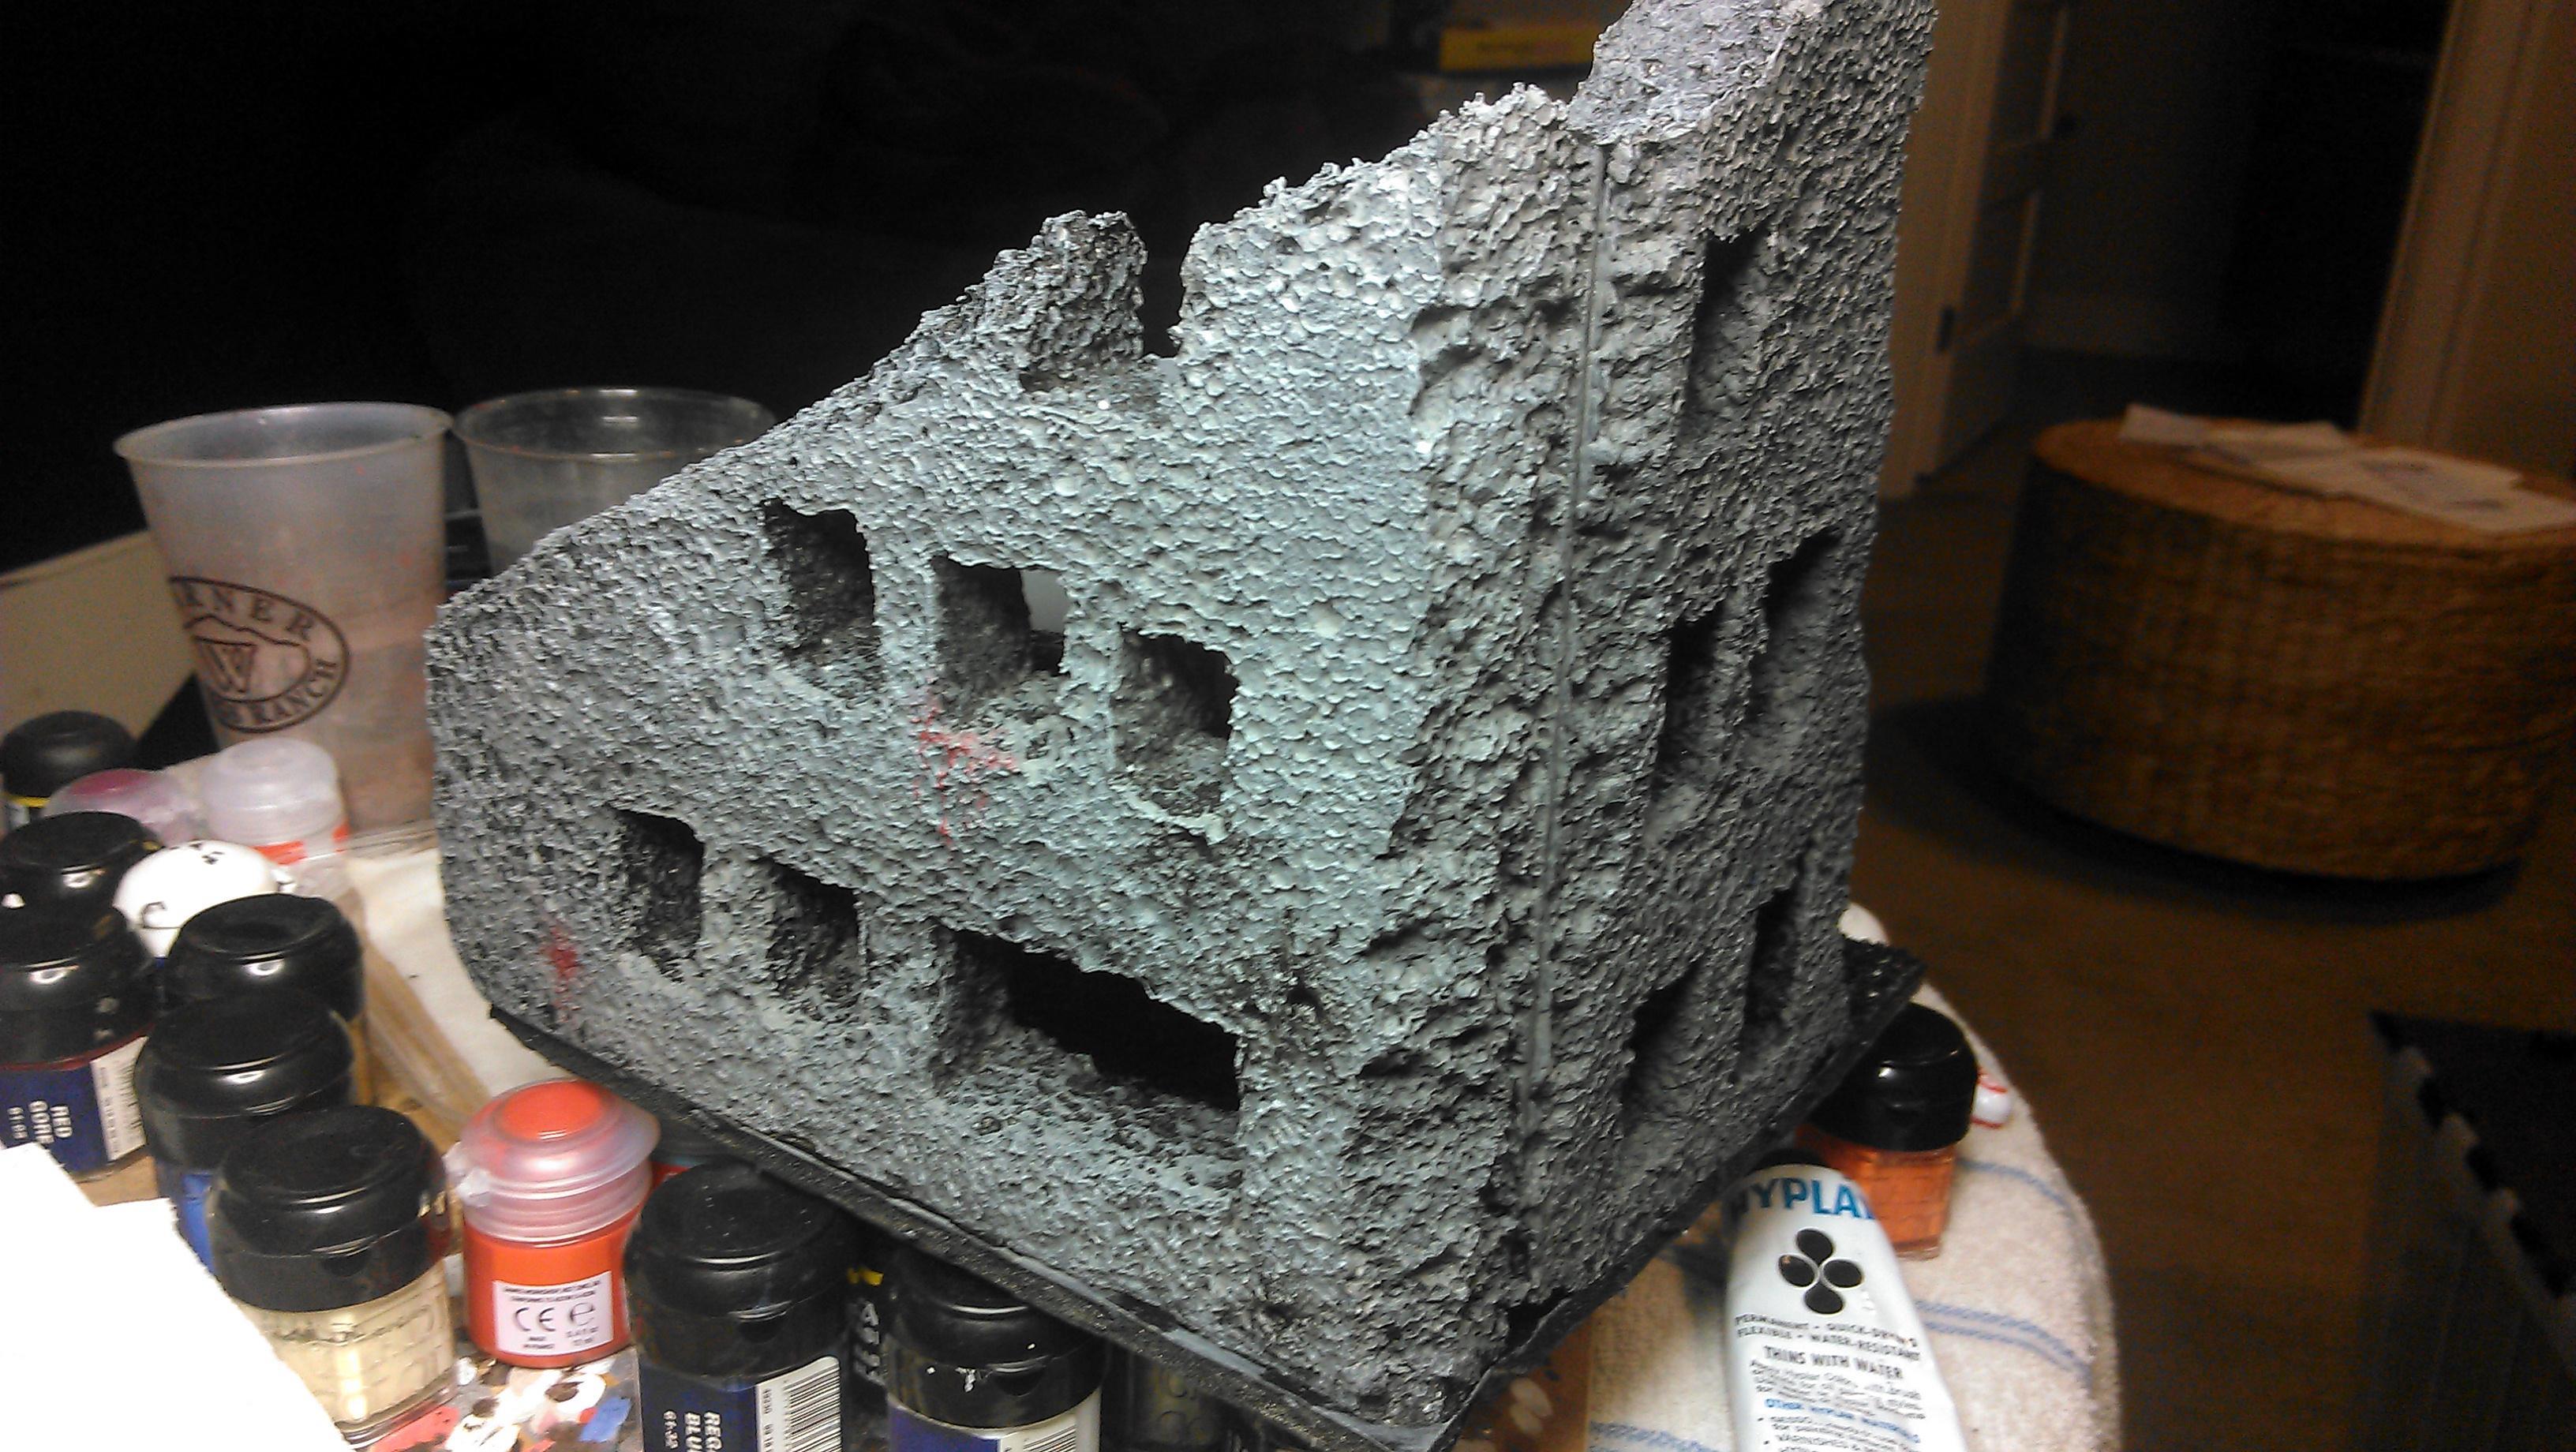 Ruin, Scratch Build, Sytrofoam, Terrain